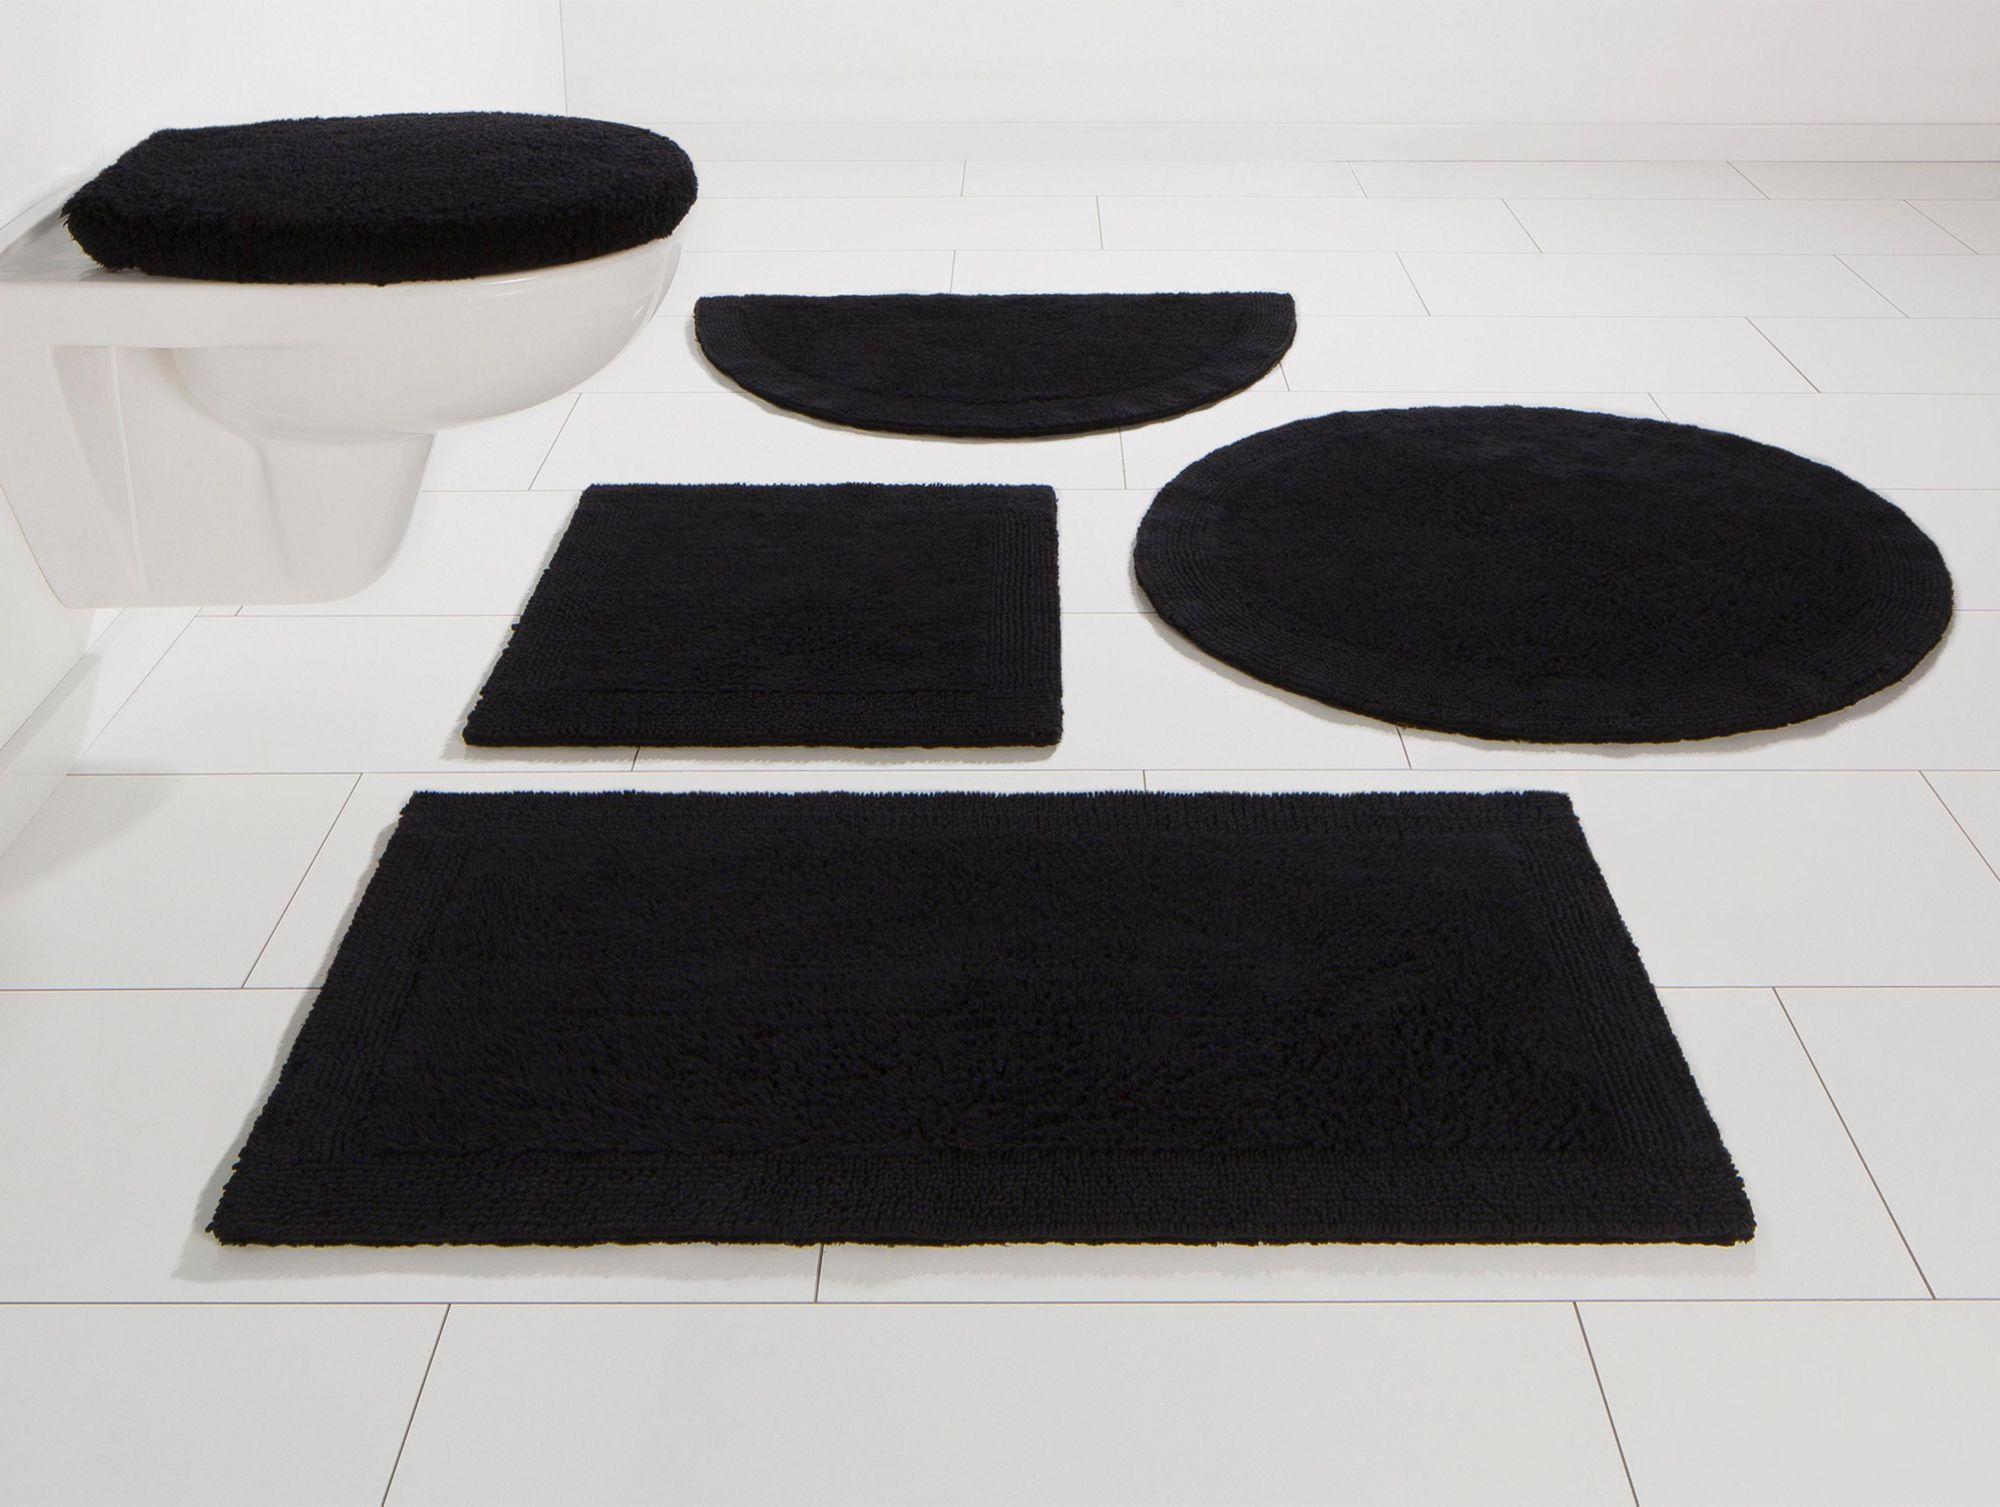 HOME AFFAIRE COLLECTION Badematte, Home Affaire Collection, »Kapra«, beidseitig verwendbar, Bio Baumwolle